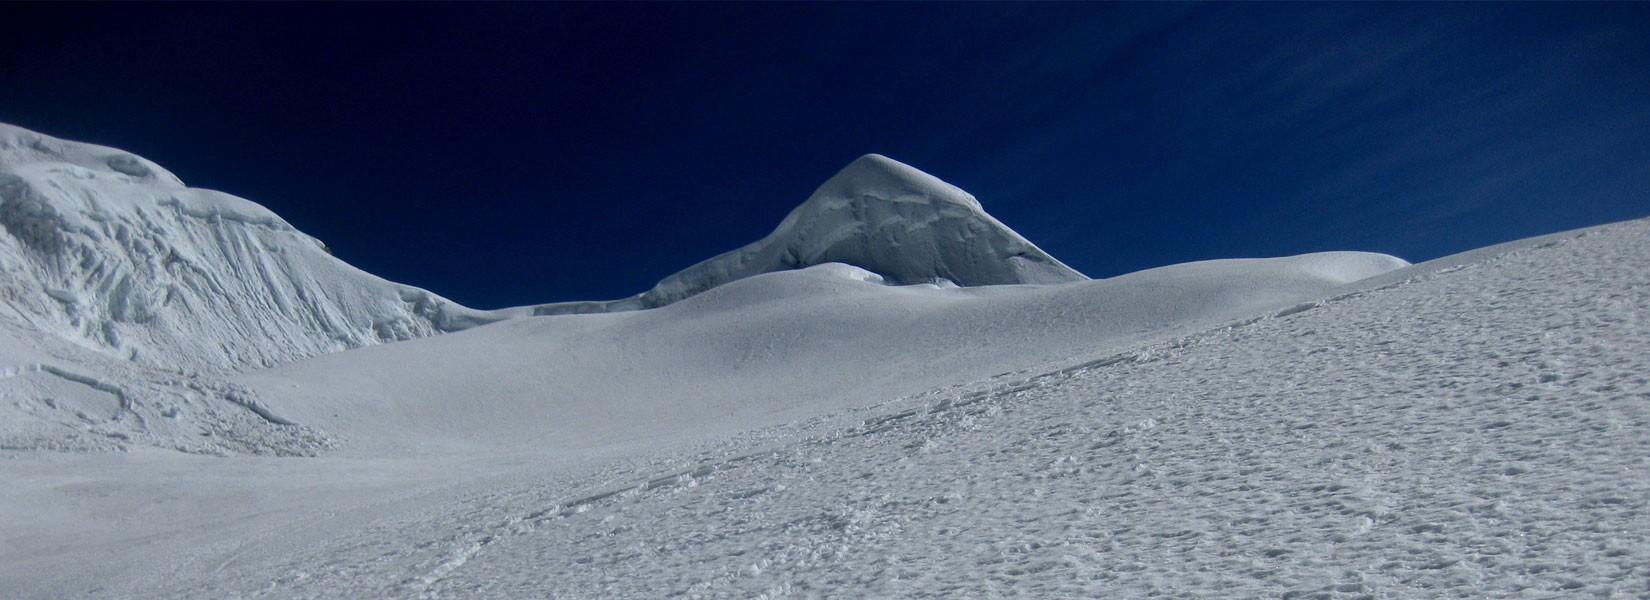 Nepal Yala Peak Climbing